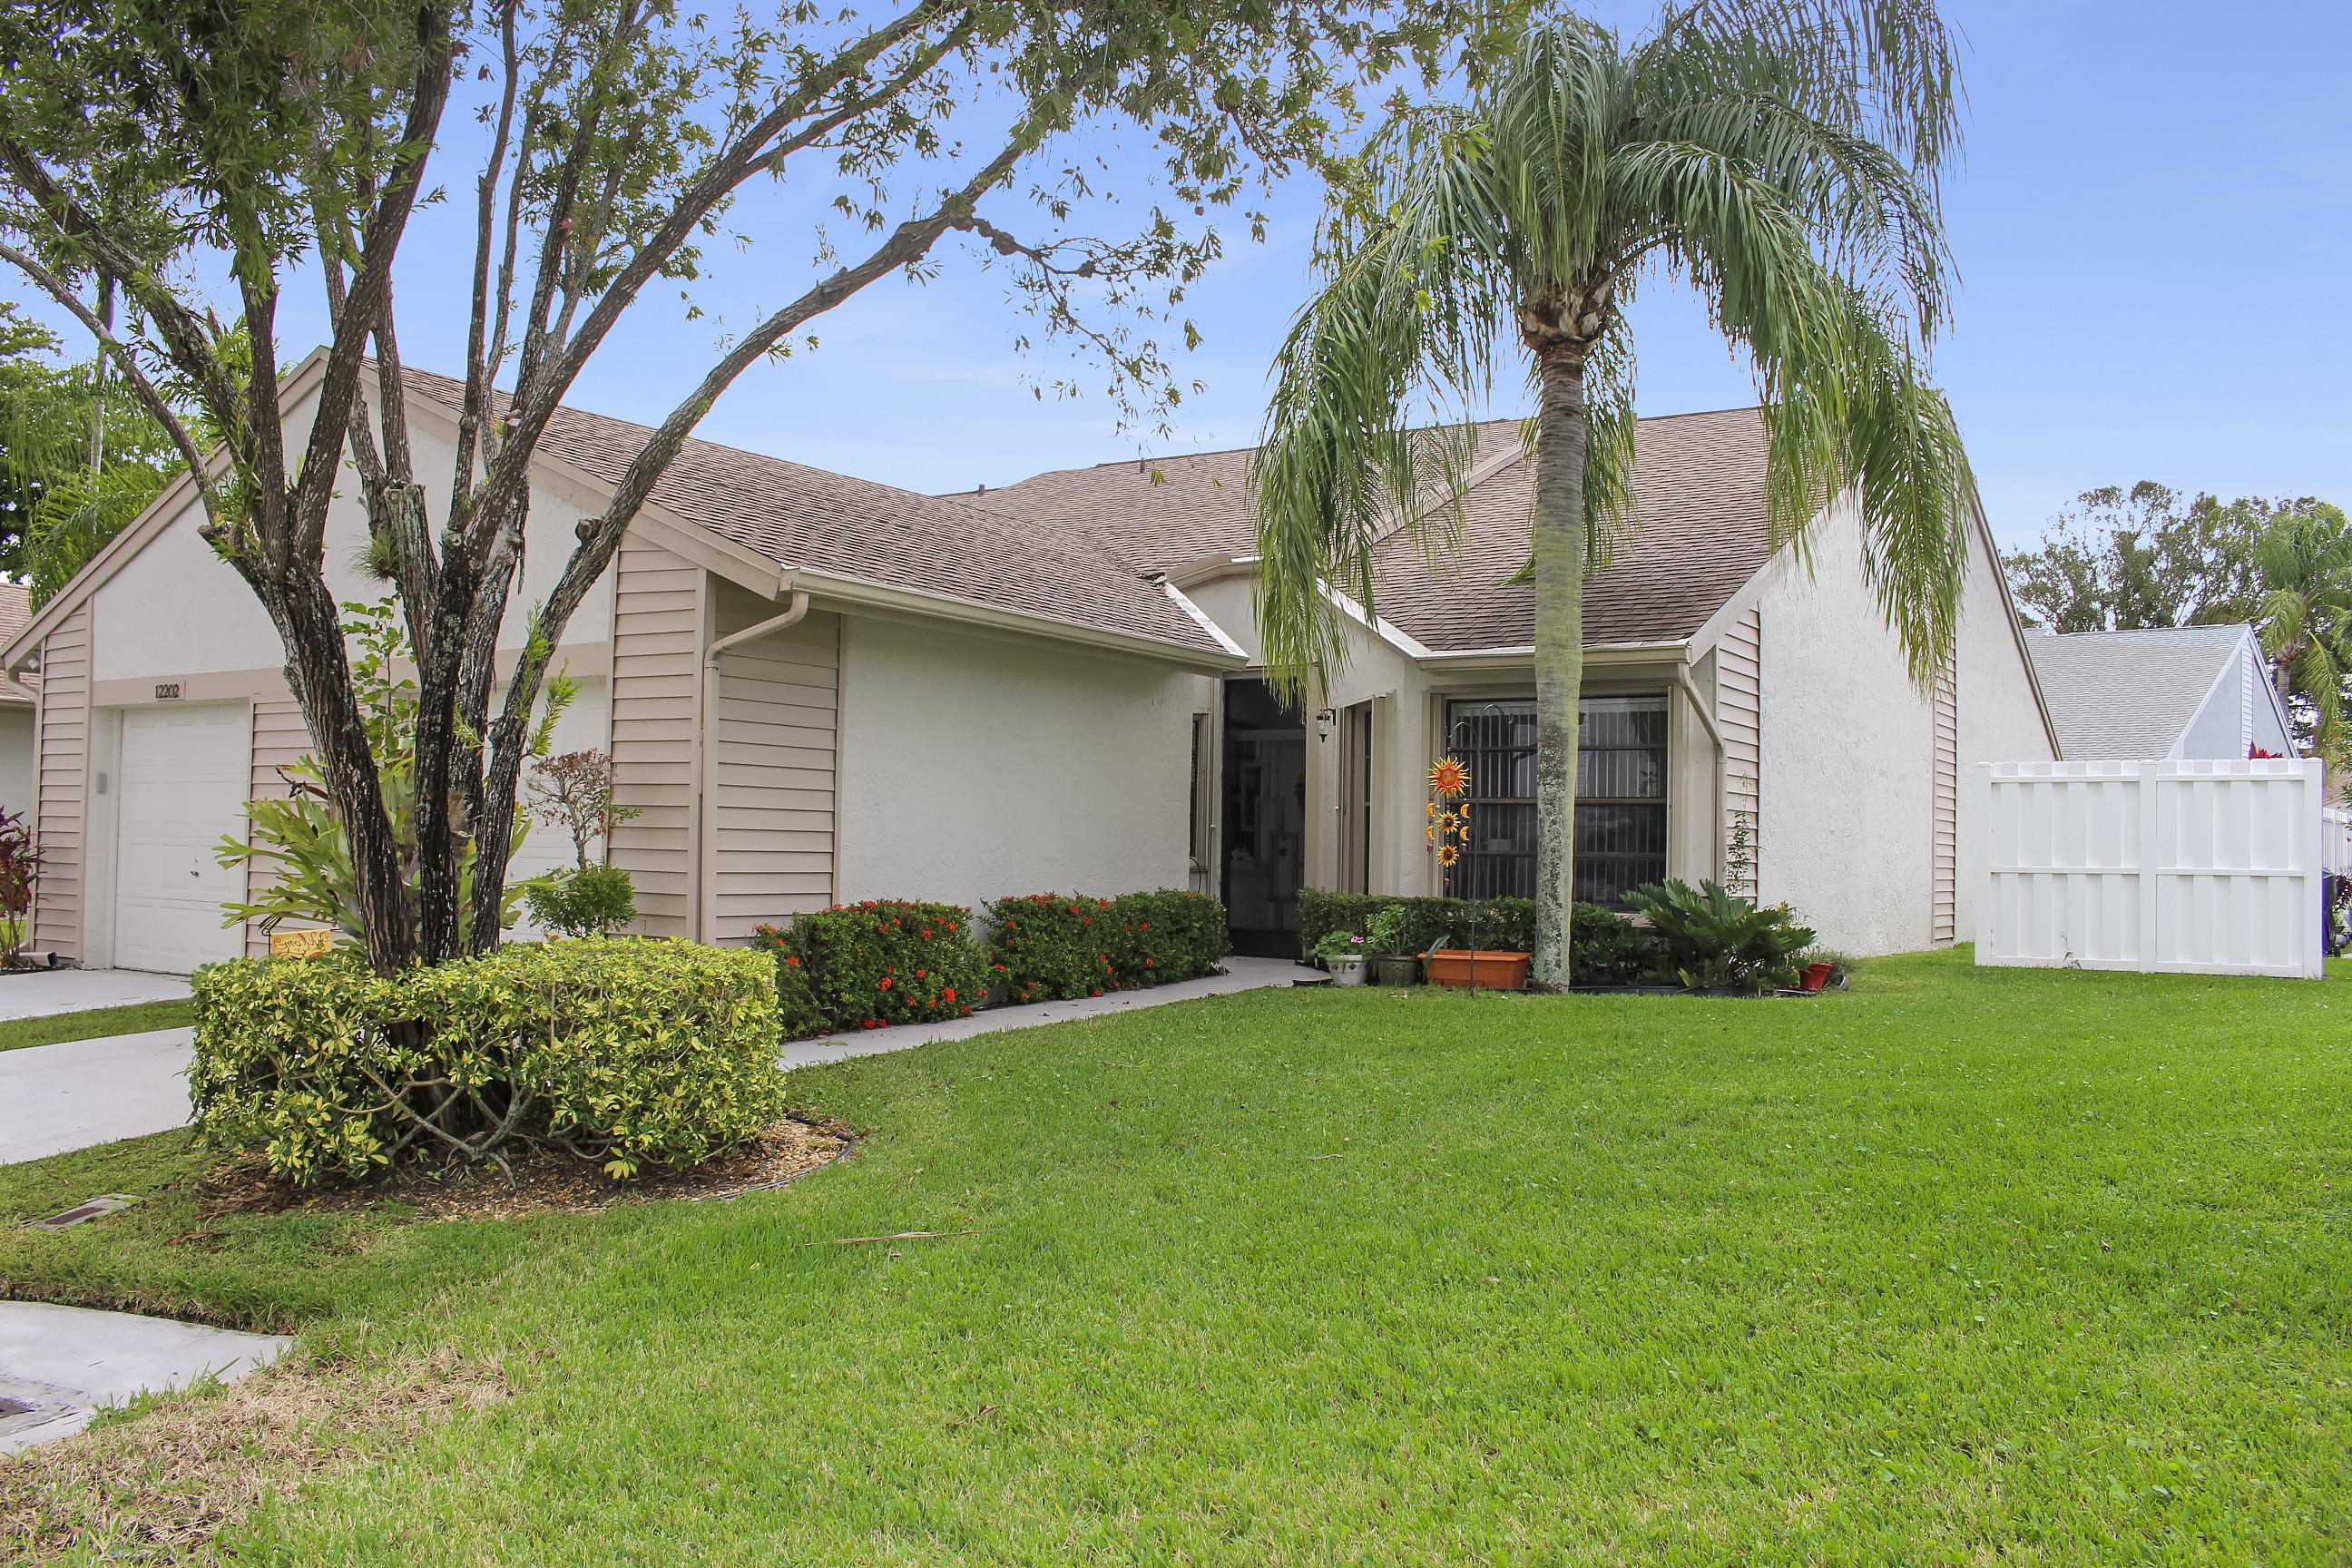 12206 Forest Greens Dr, Boynton Beach, FL 33437